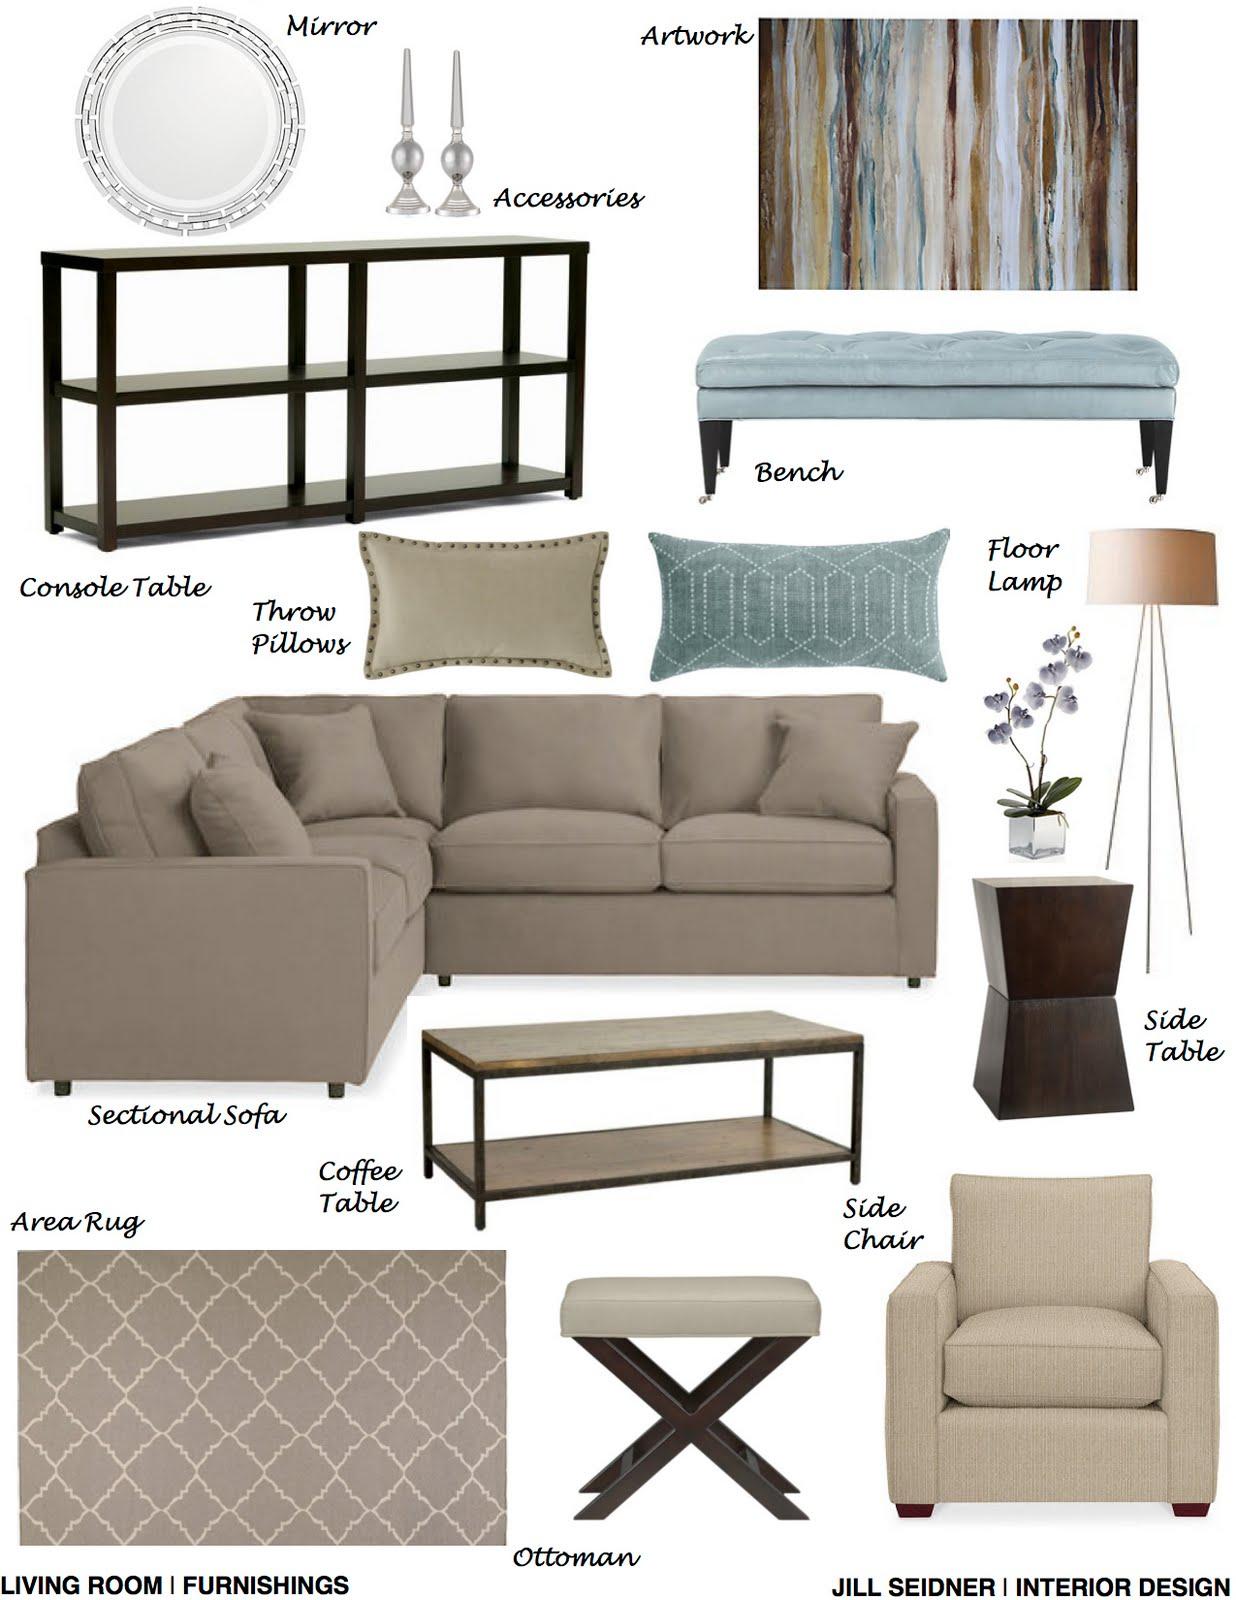 jill seidner interior design online design e